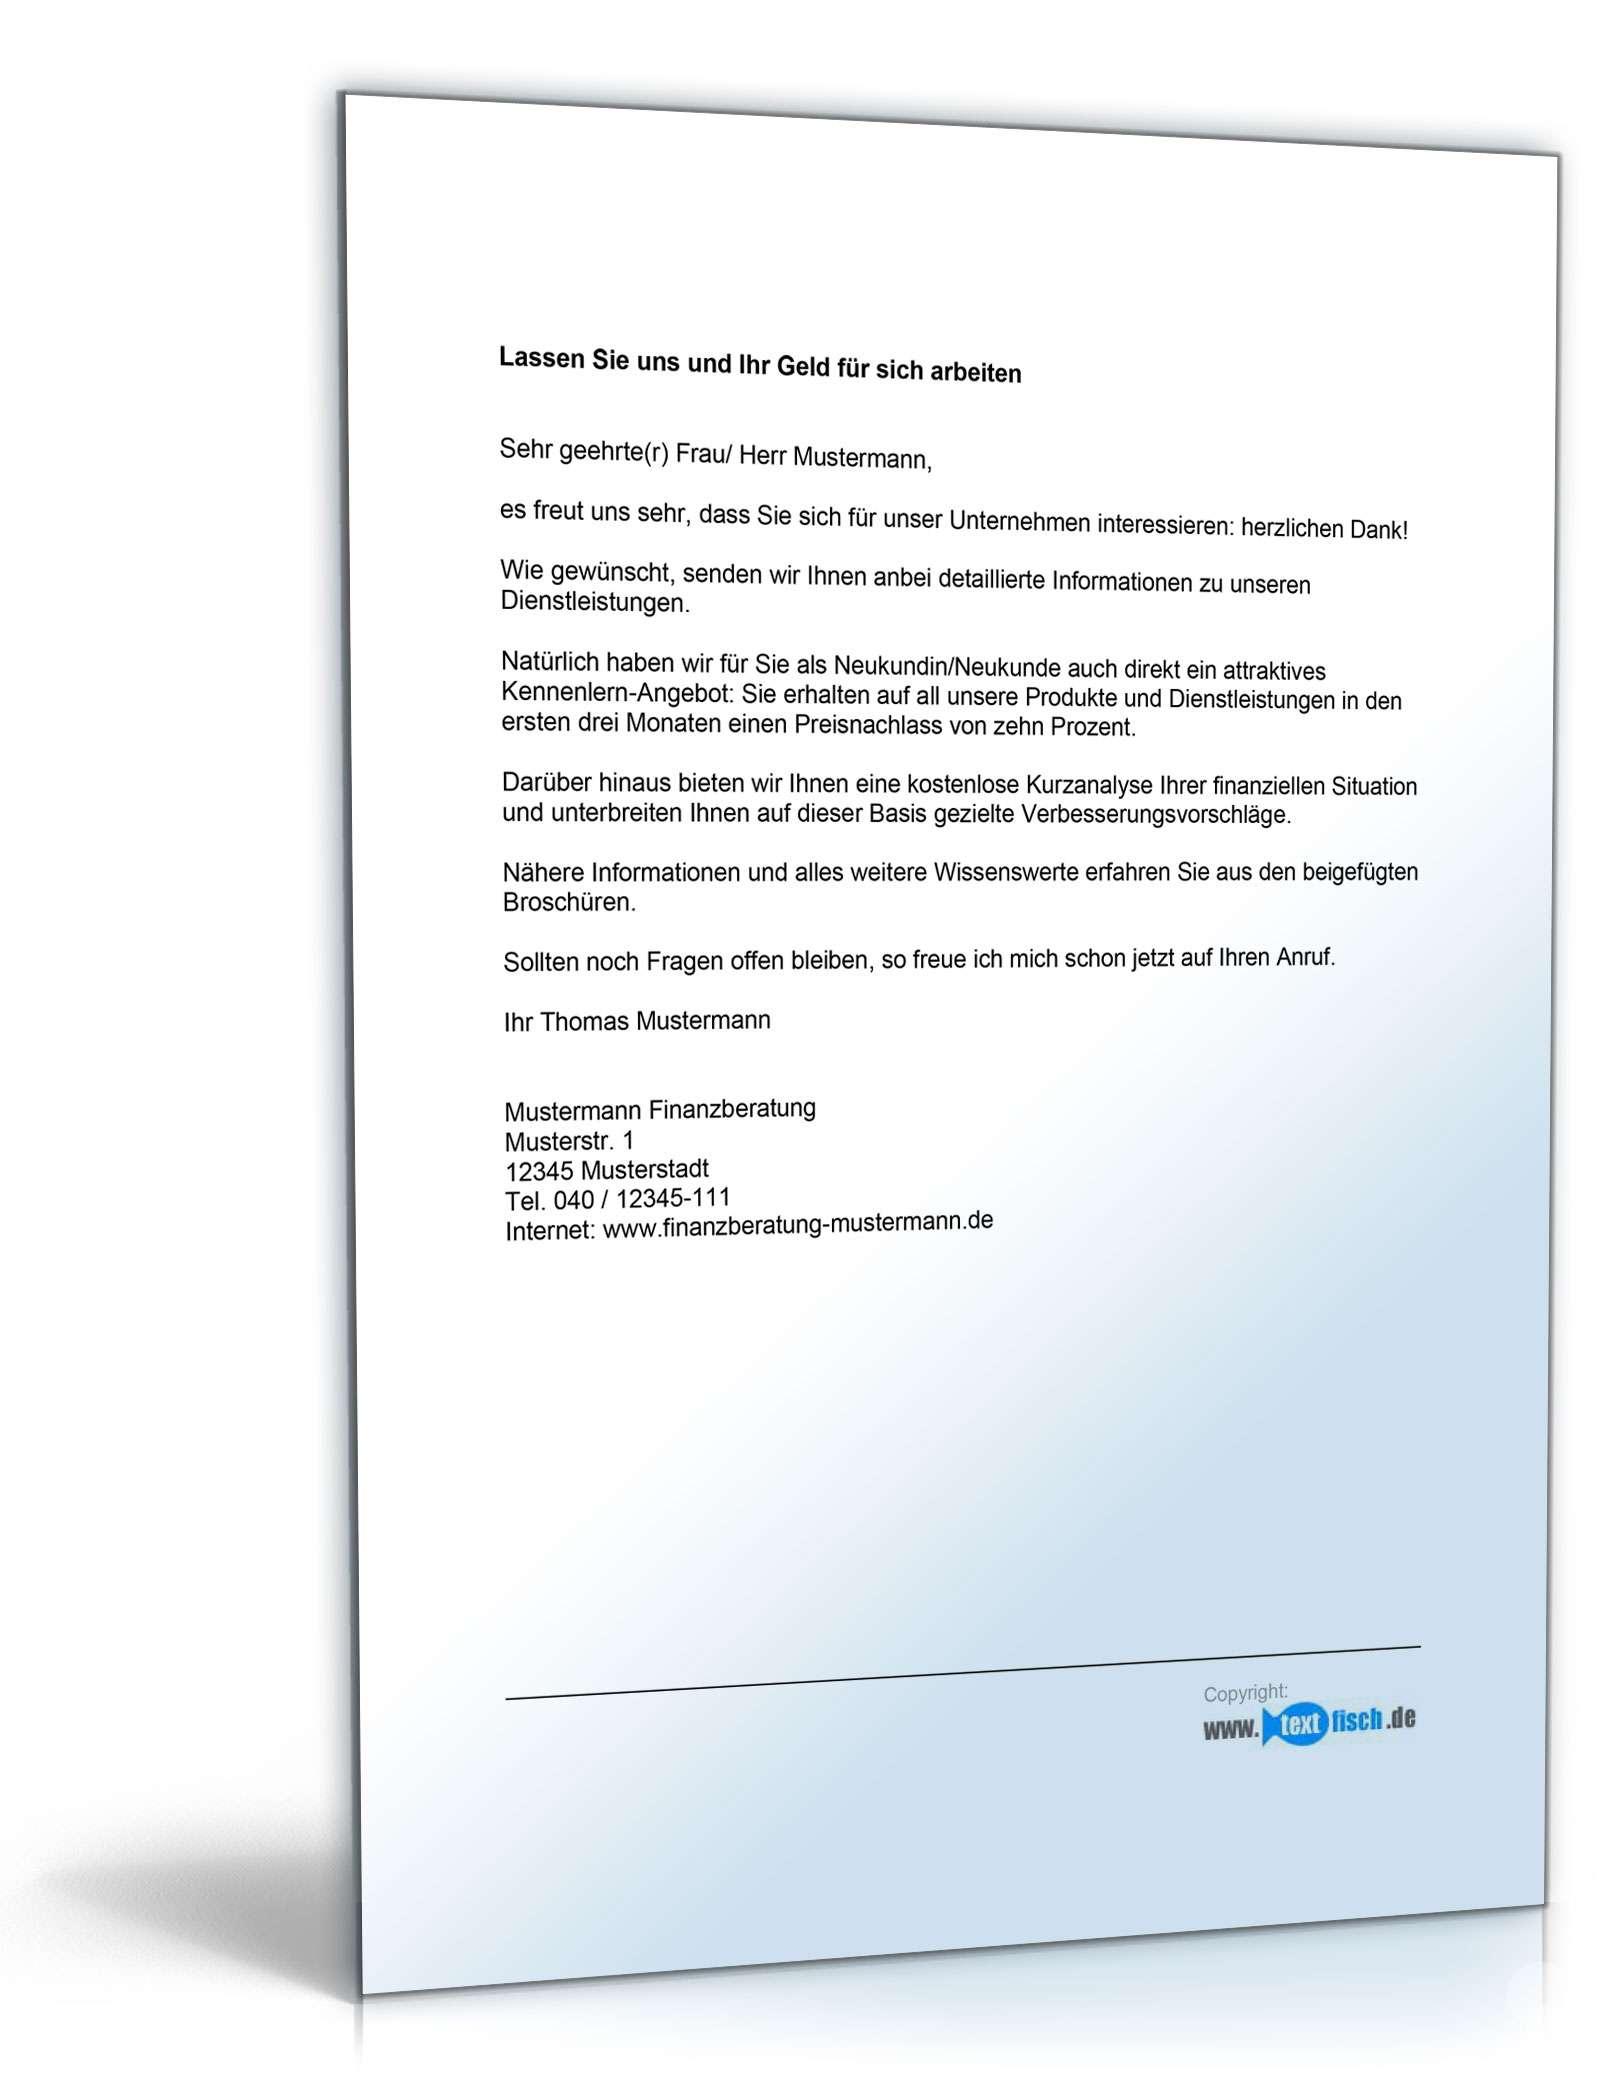 Brief Für Zahlungsaufschub : Werbebrief für einen finanzberater mit infomaterial